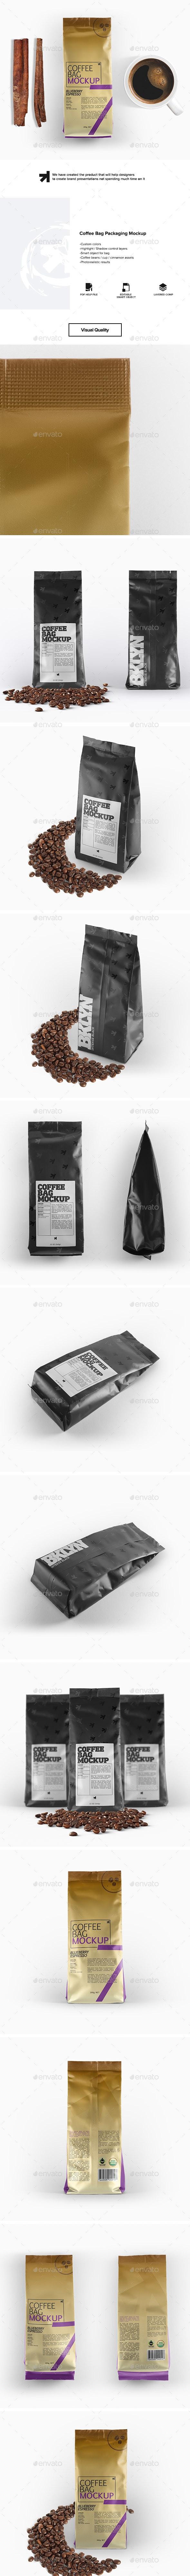 Coffee Bag Packaging Mockup - Food and Drink Packaging